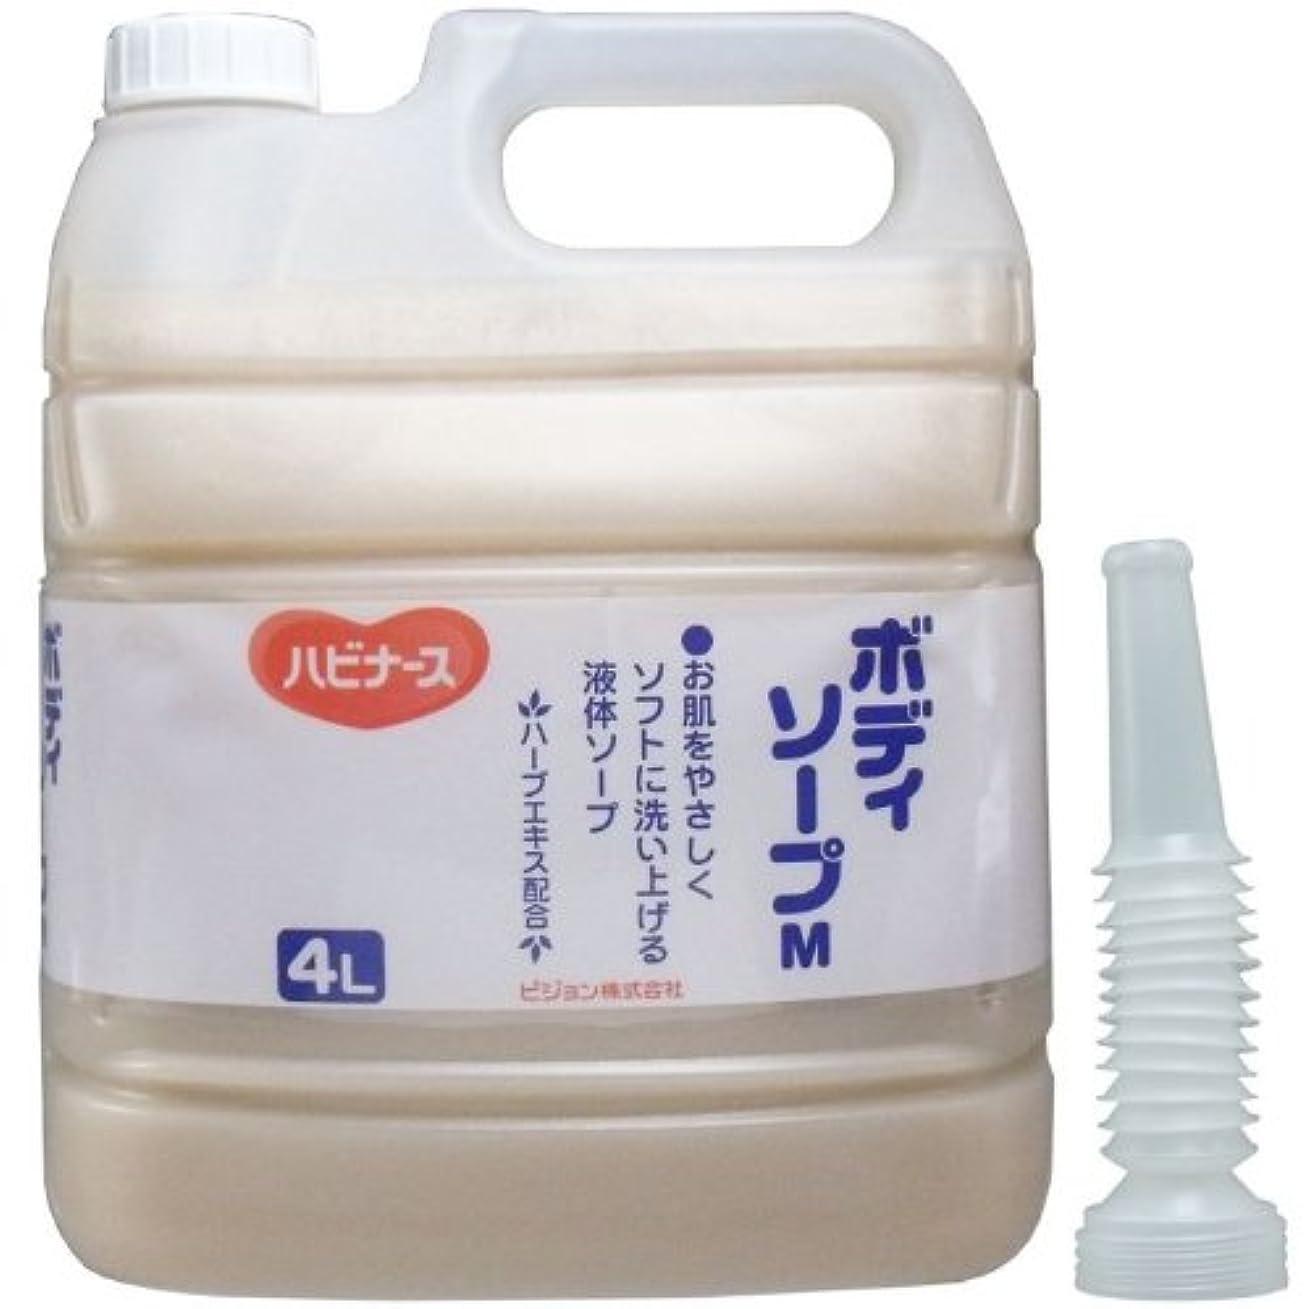 雑品結果として結果として液体ソープ ボディソープ 風呂 石ケン お肌をやさしくソフトに洗い上げる!業務用 4L